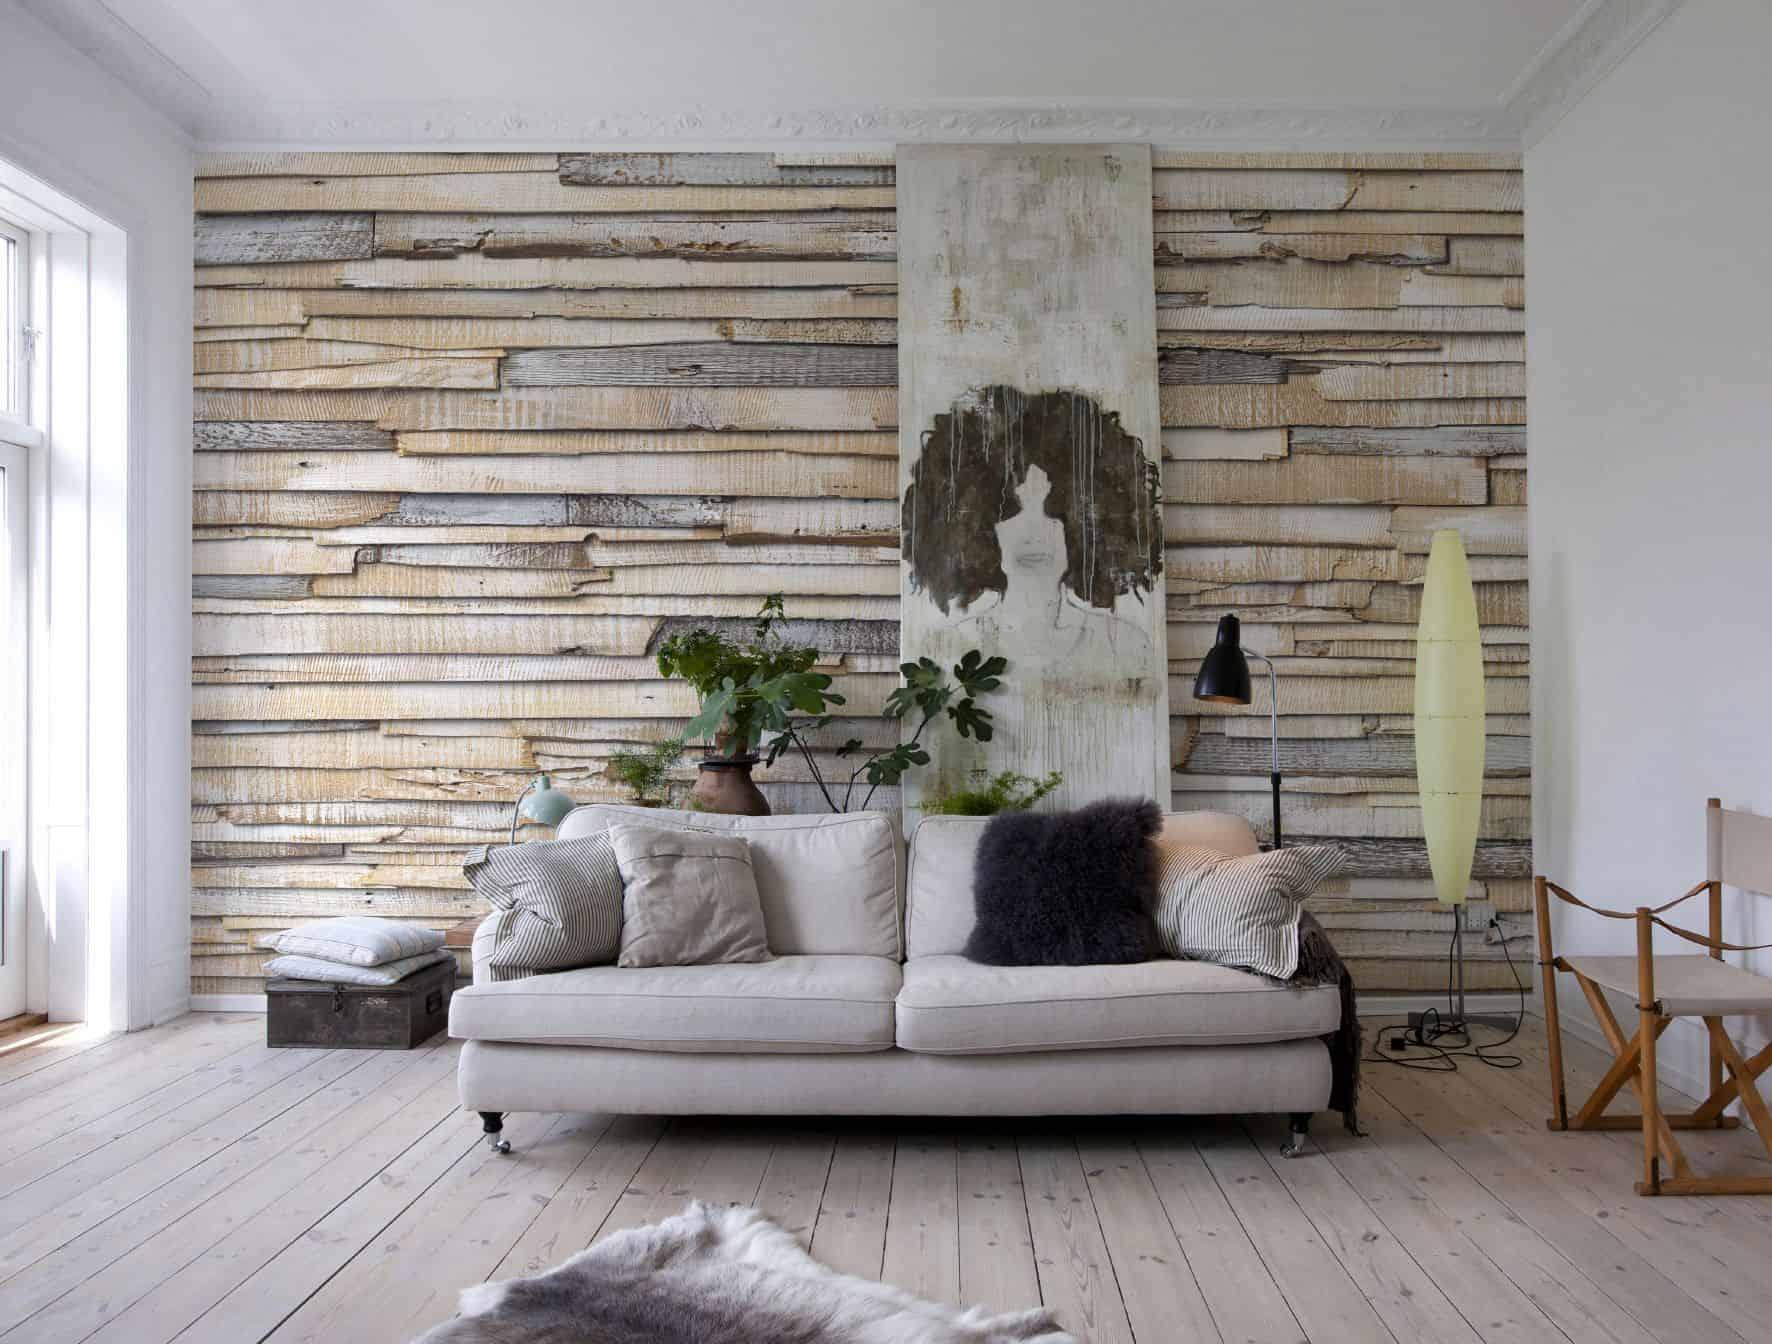 Eine Neugestaltung von Wänden gelingt mit Tapeten besonders schnell